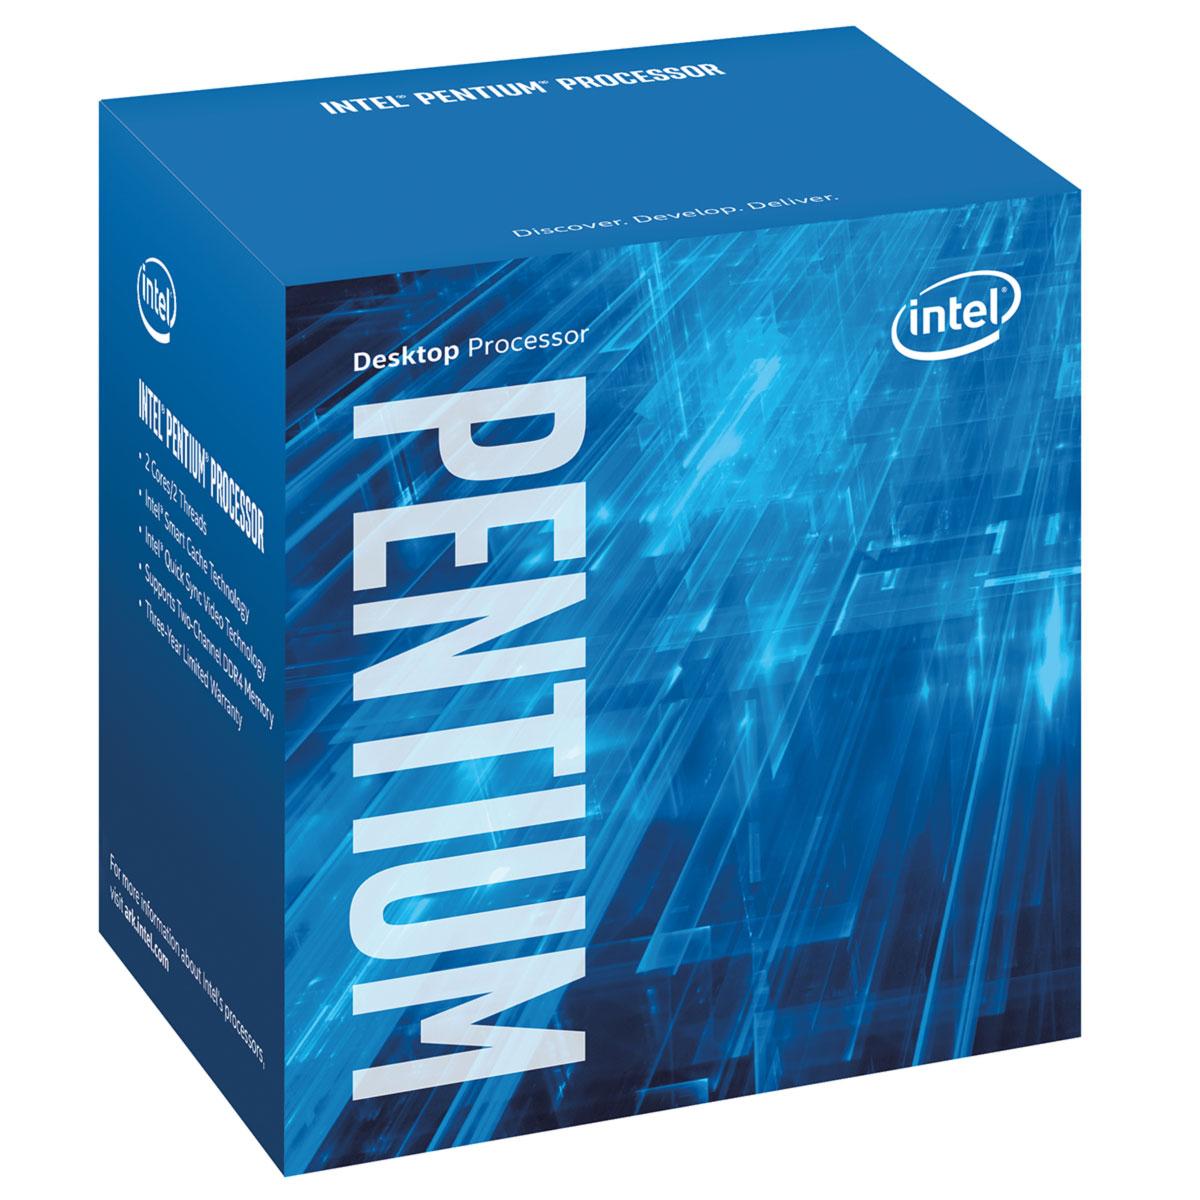 Processeur Intel Pentium G4400 (3.3 GHz) Processeur Dual Core Socket 1151 Cache L3 3 Mo Intel HD Graphics 510 0.014 micron (version boîte - garantie Intel 3 ans)